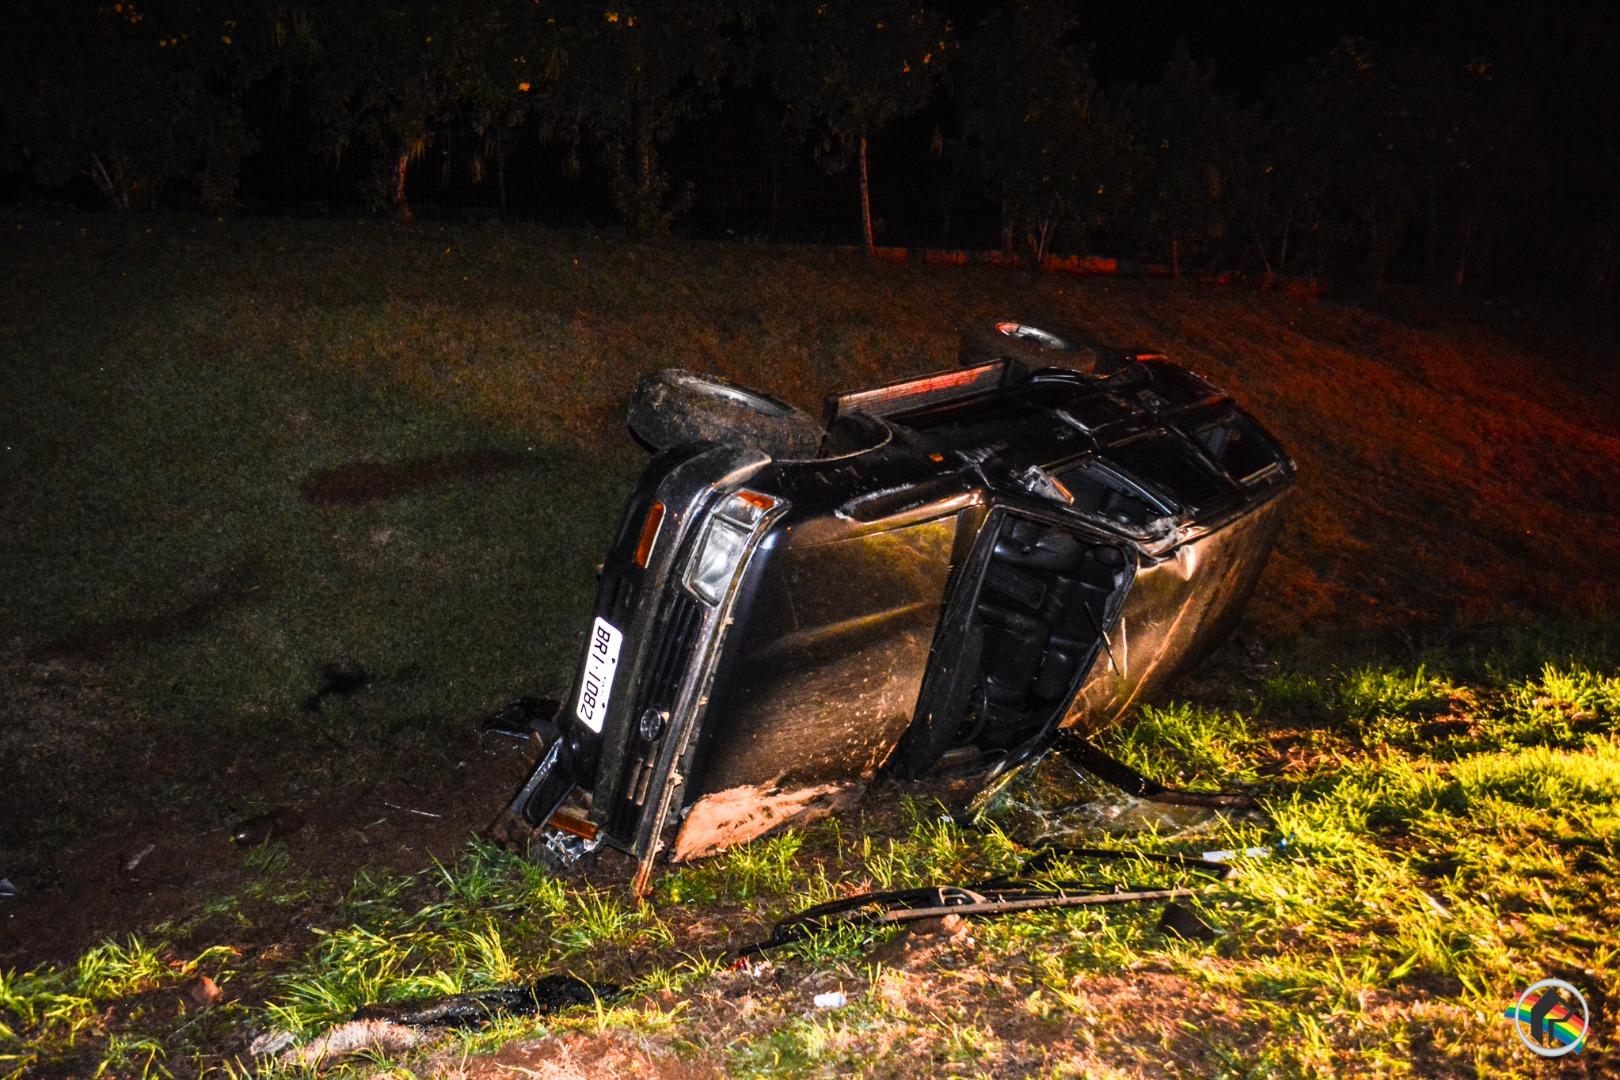 Capotamento deixa condutor ferido em São Miguel do Oeste